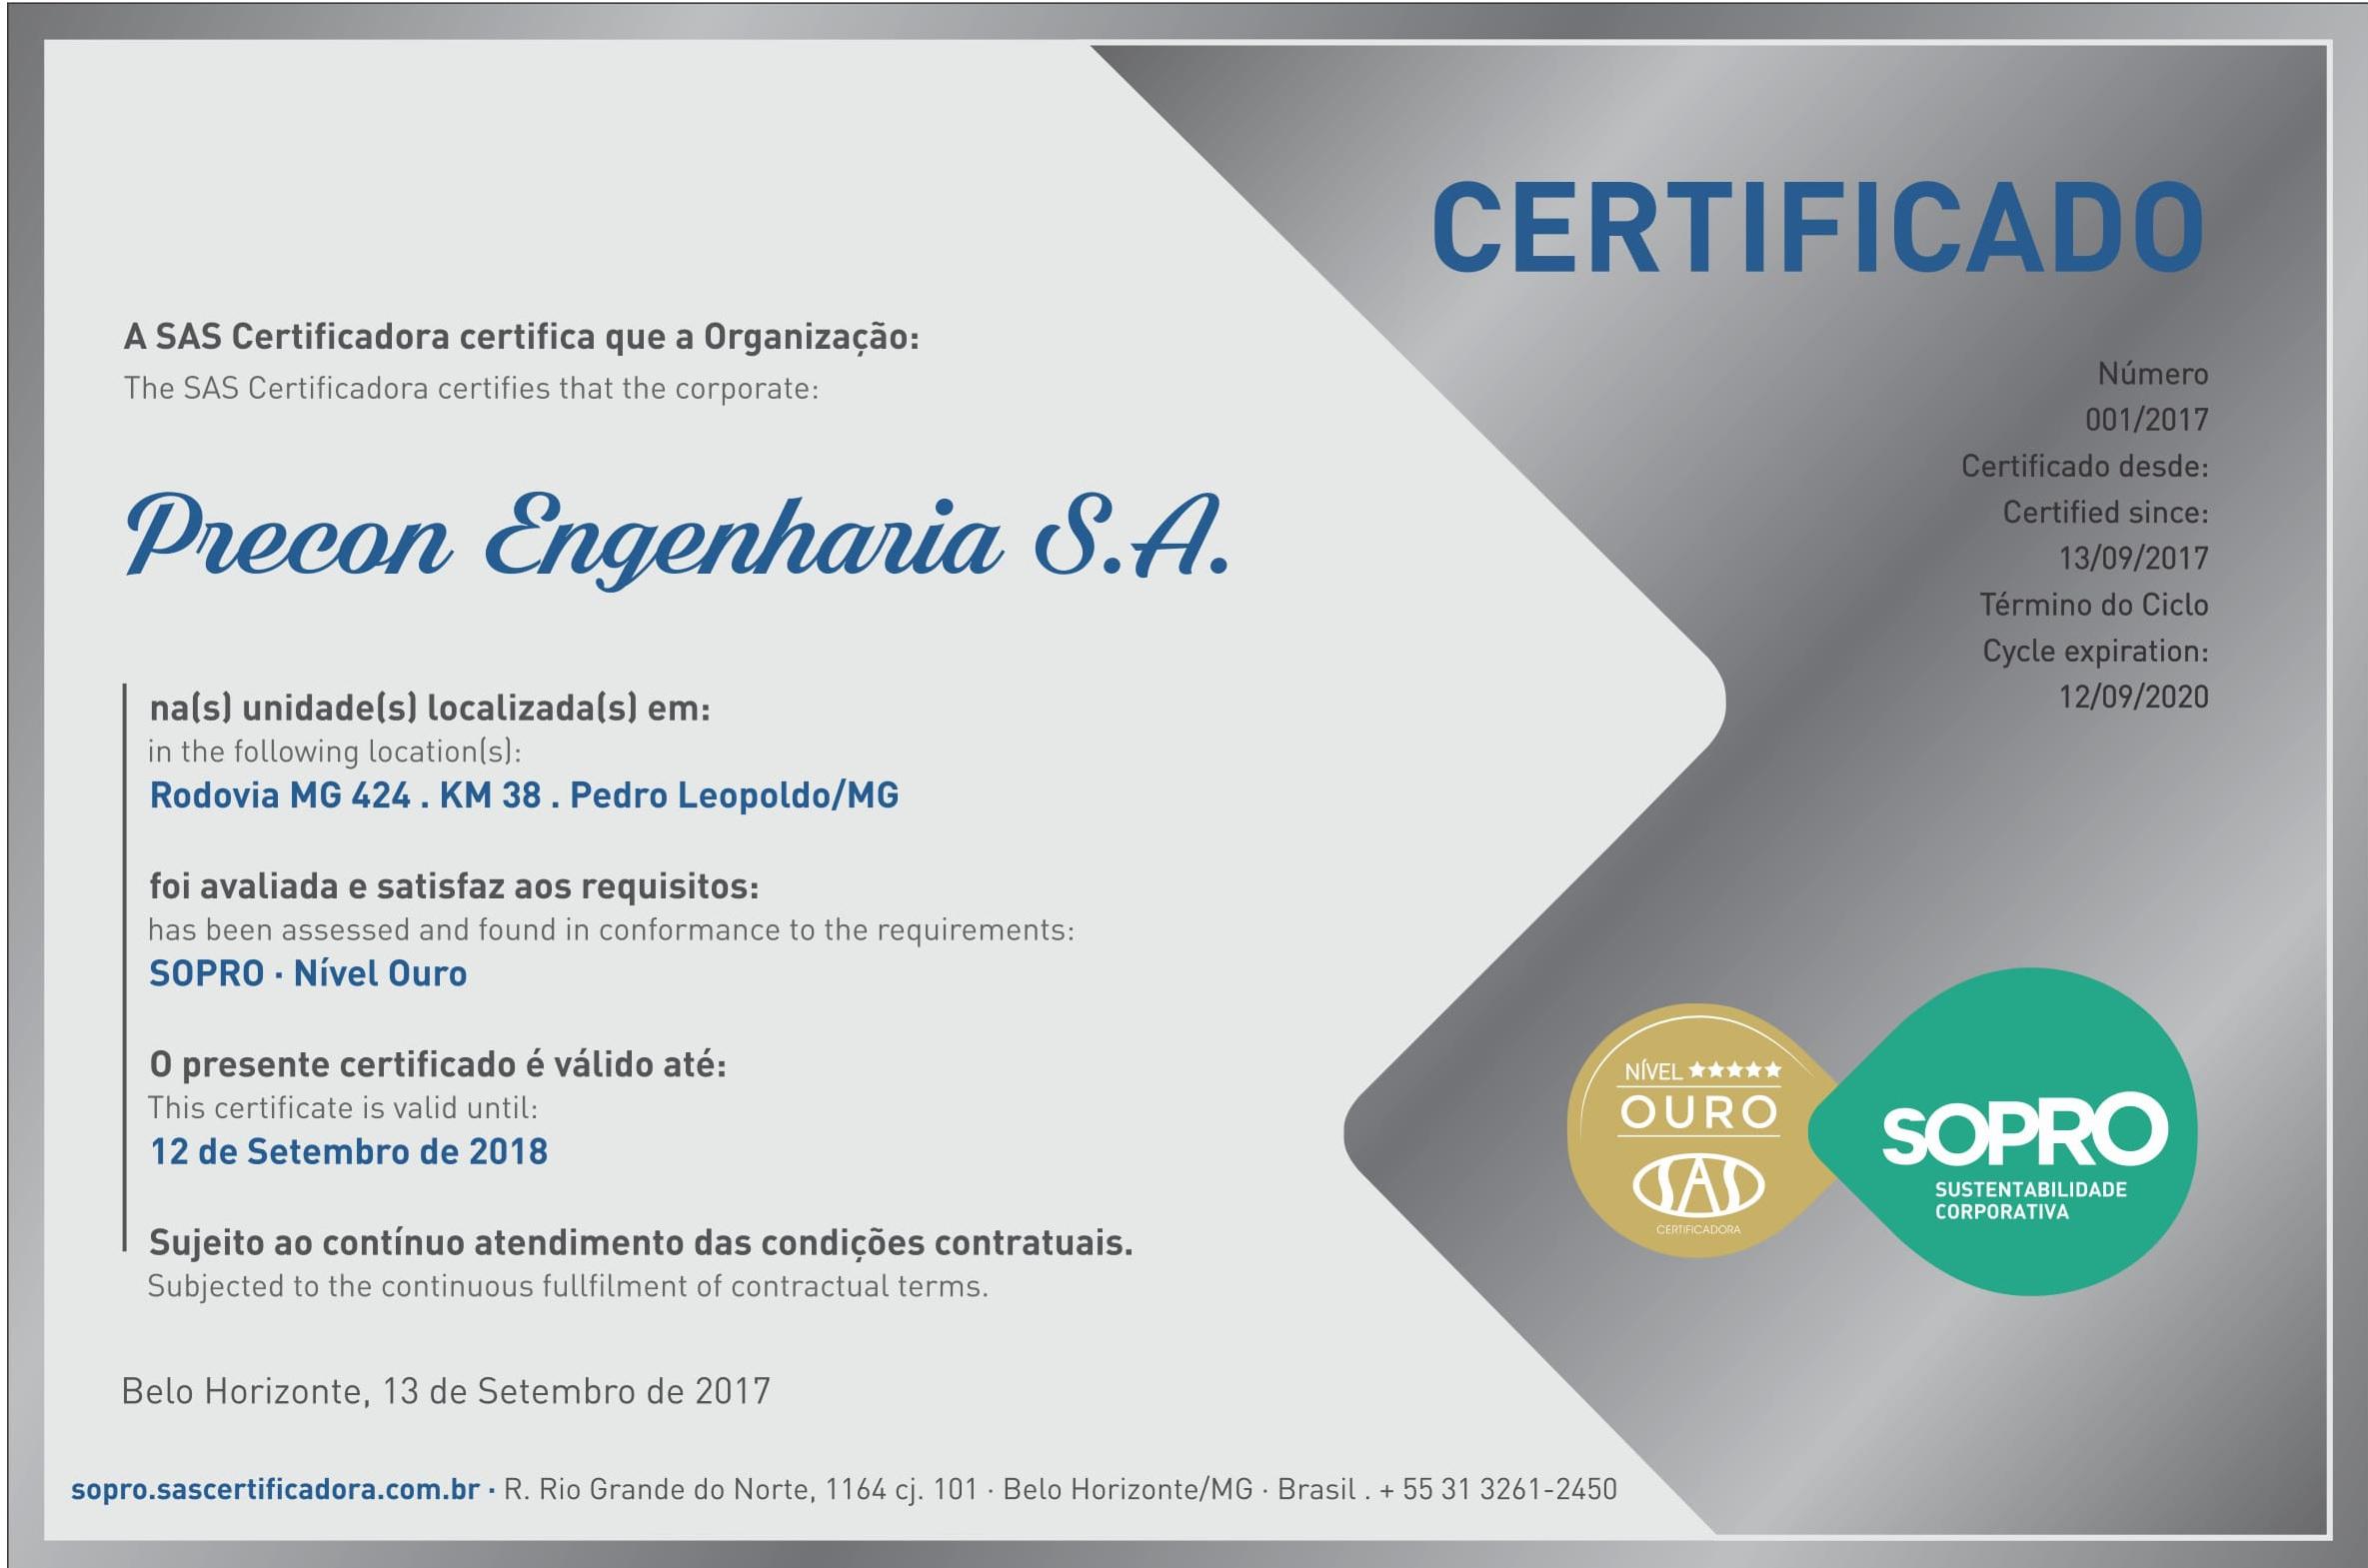 Precon Engenharia SA - Nivel OURO